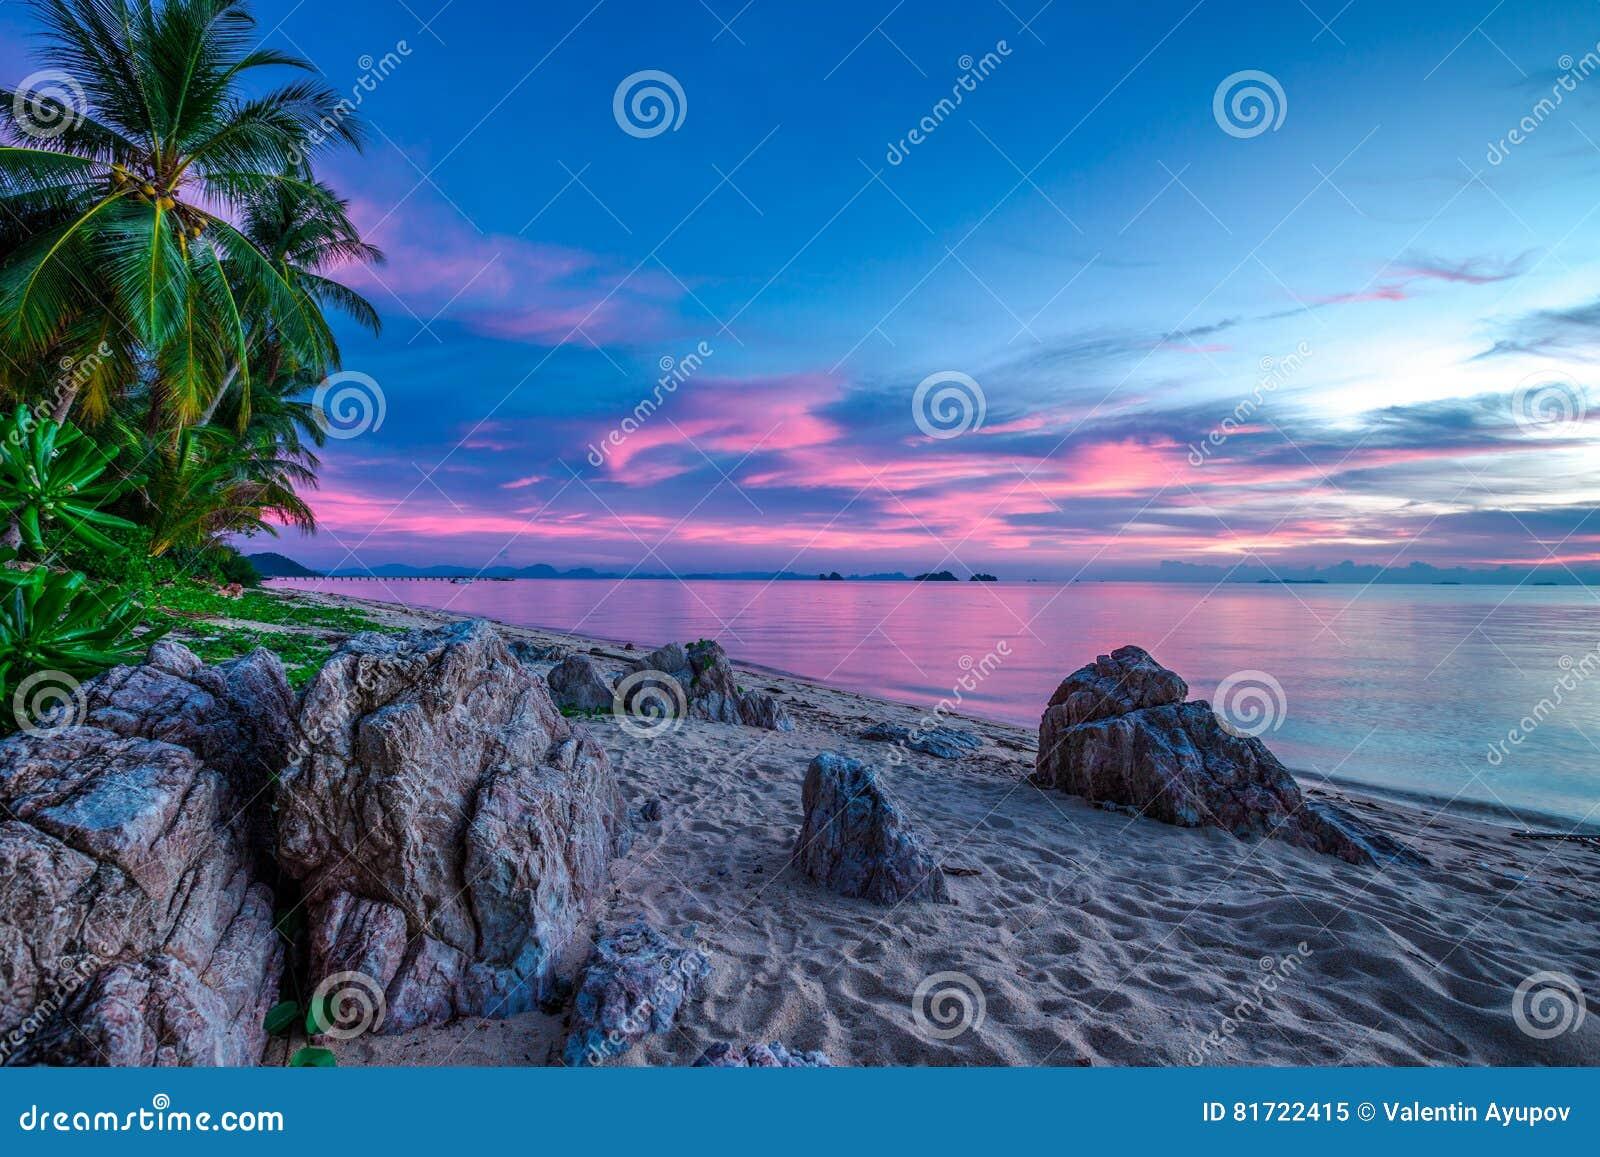 Violetter Sonnenuntergang über dem Meer und dem felsigen Strand